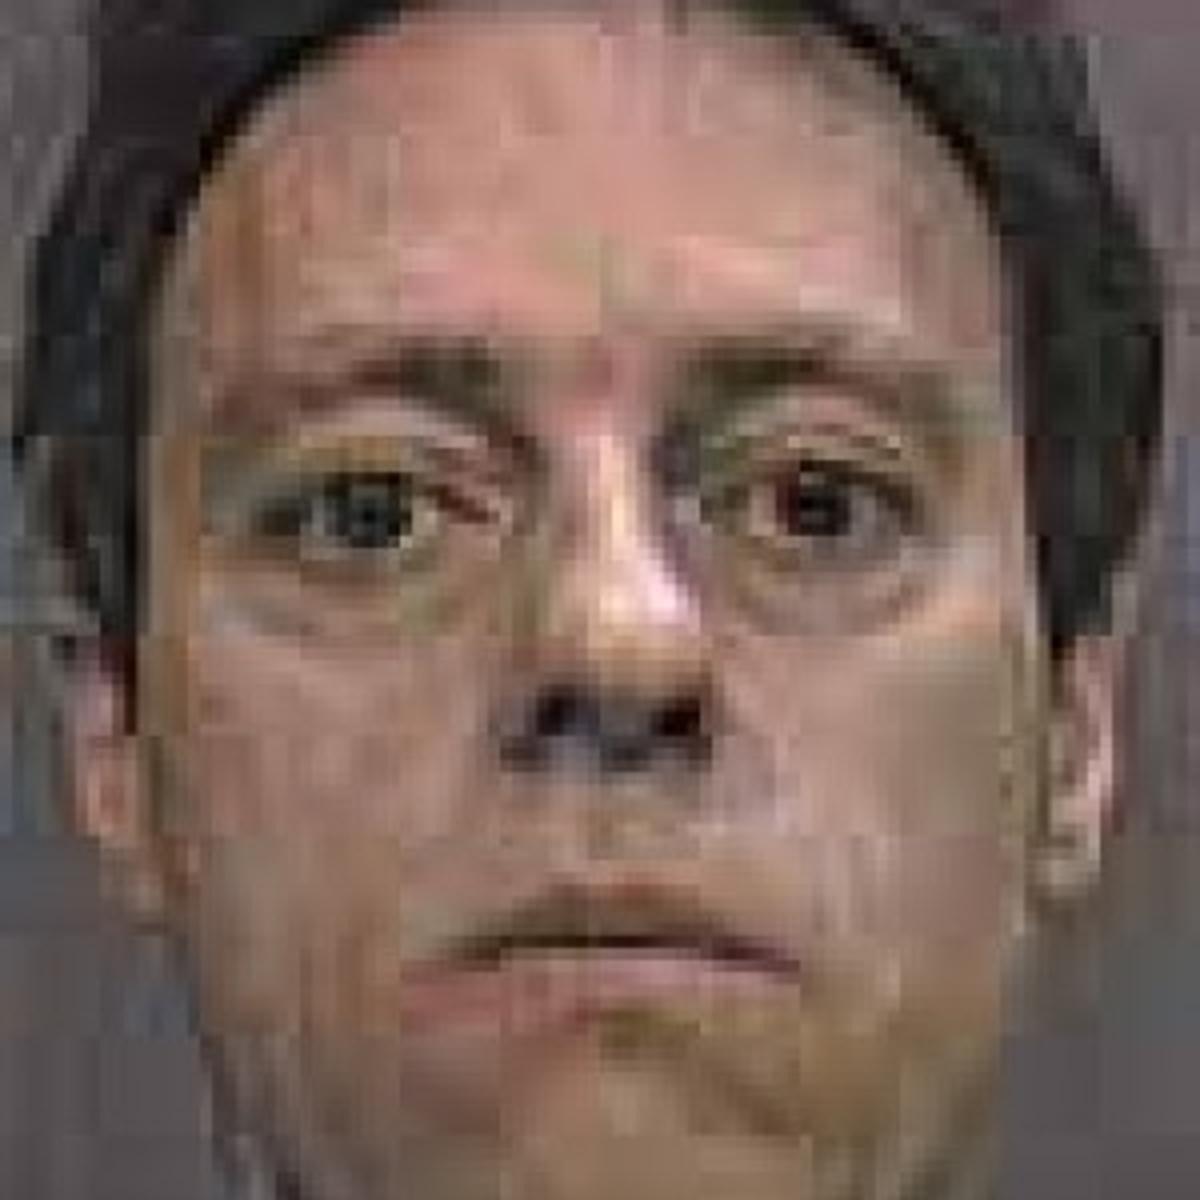 Allis Suicide west allis man arrested for impersonating officer